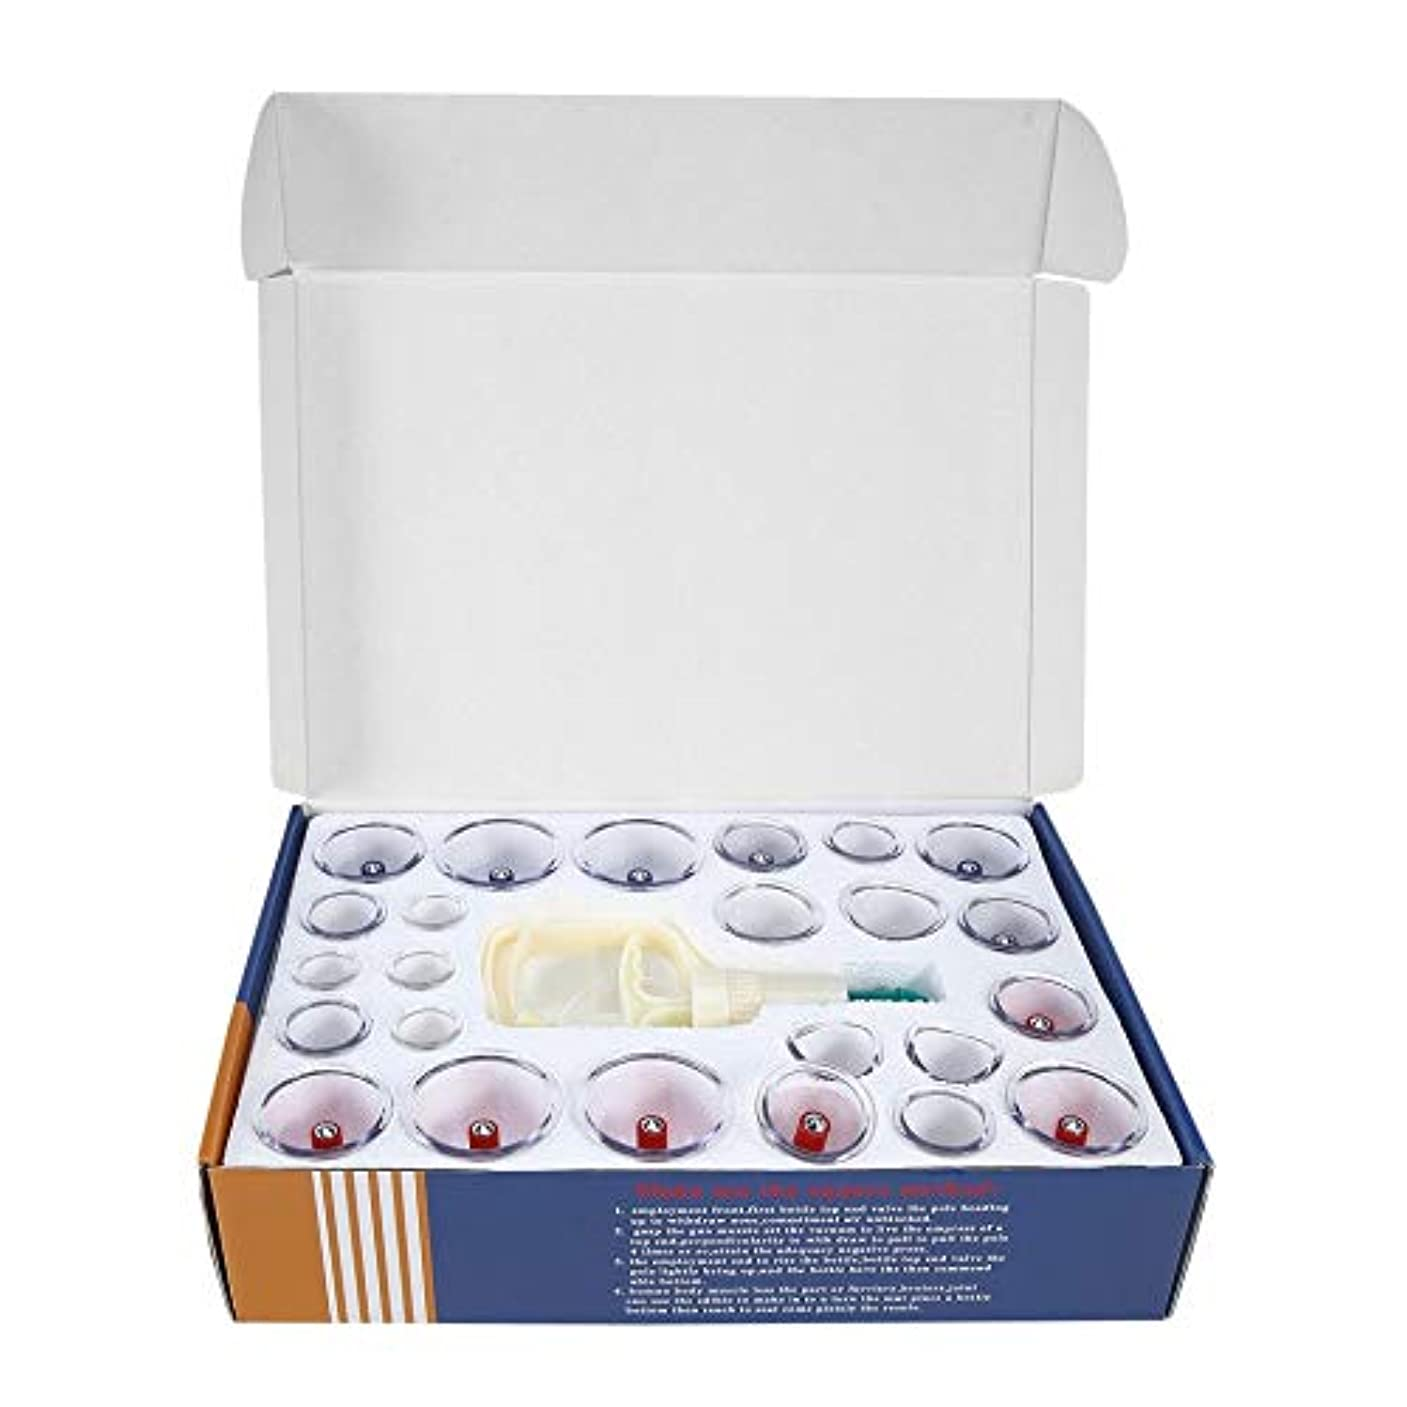 通貨聖歌寄付する中国のヘルスケア医療真空ボディカッピングセット24ピースマッサージ缶カップバイオマグネティックマッサージ療法ボディリラクゼーションキット(Color:clear)